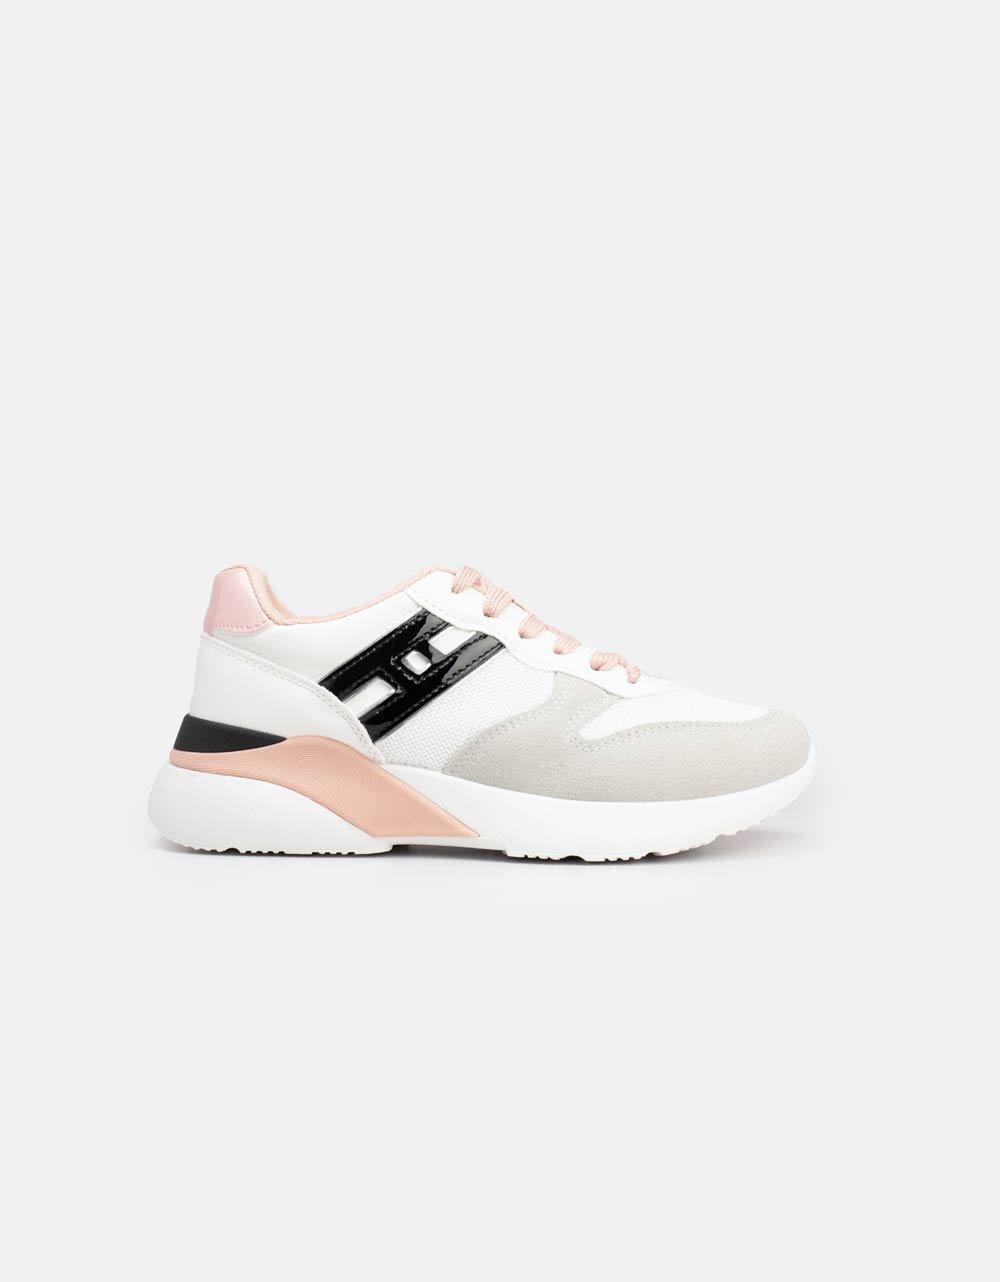 Εικόνα από Γυναικεία sneakers με δίχρωμες λεπτομέρειες Λευκό/Ροζ